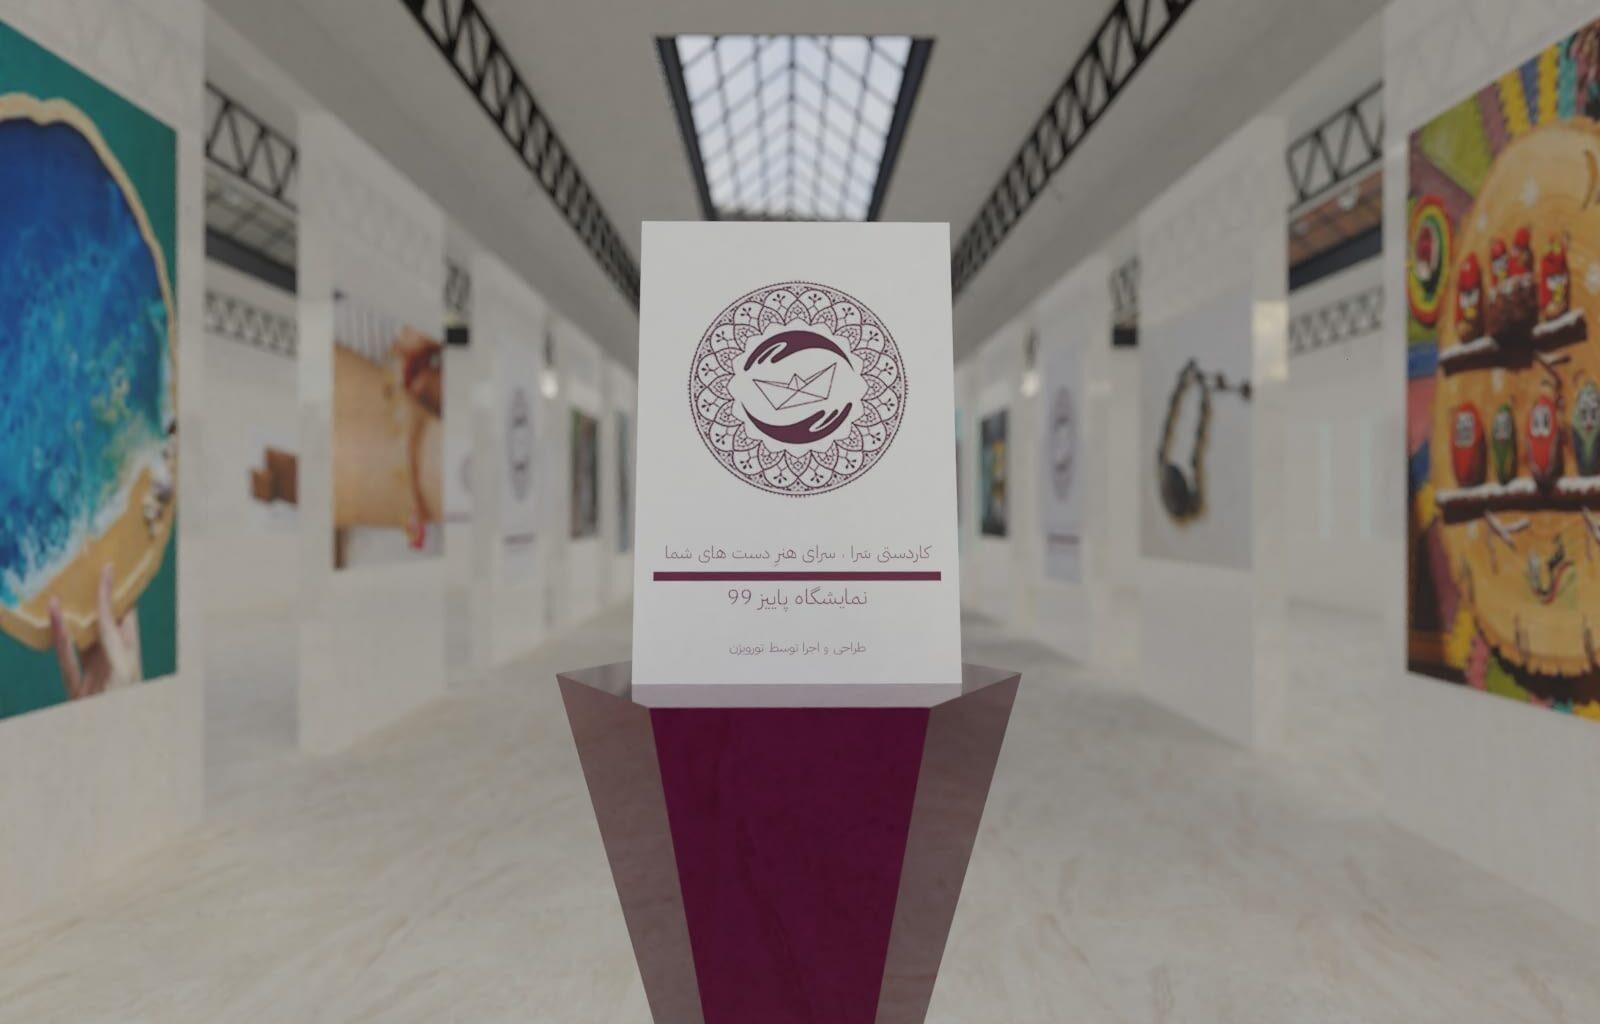 نمایشگاه مجازی پاییز 99 کاردستی سرا استودیو تورویژن نمایشگاه کاردستی نمایشگاه پاییز مجازی